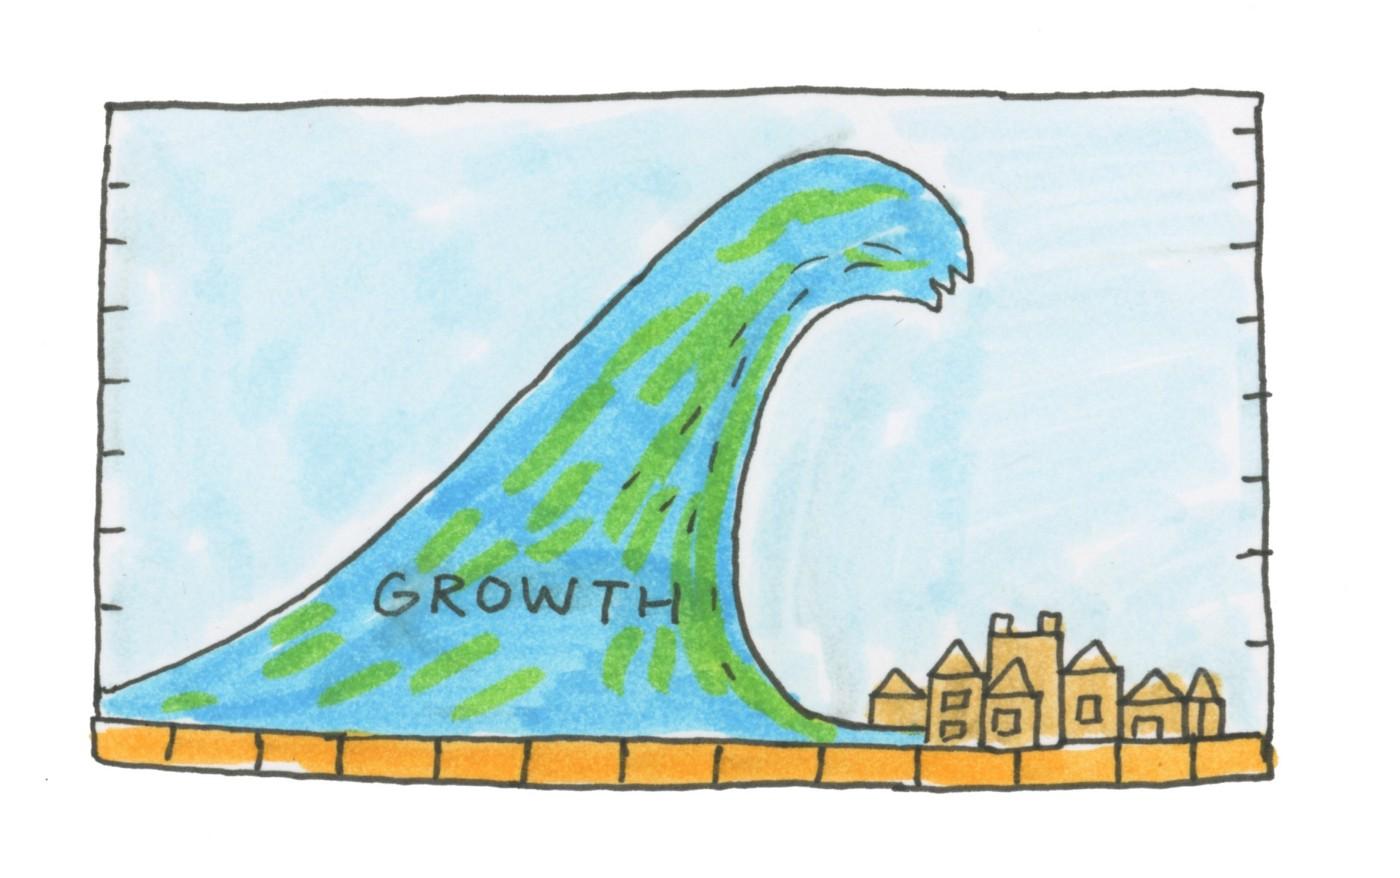 Growth tsunami